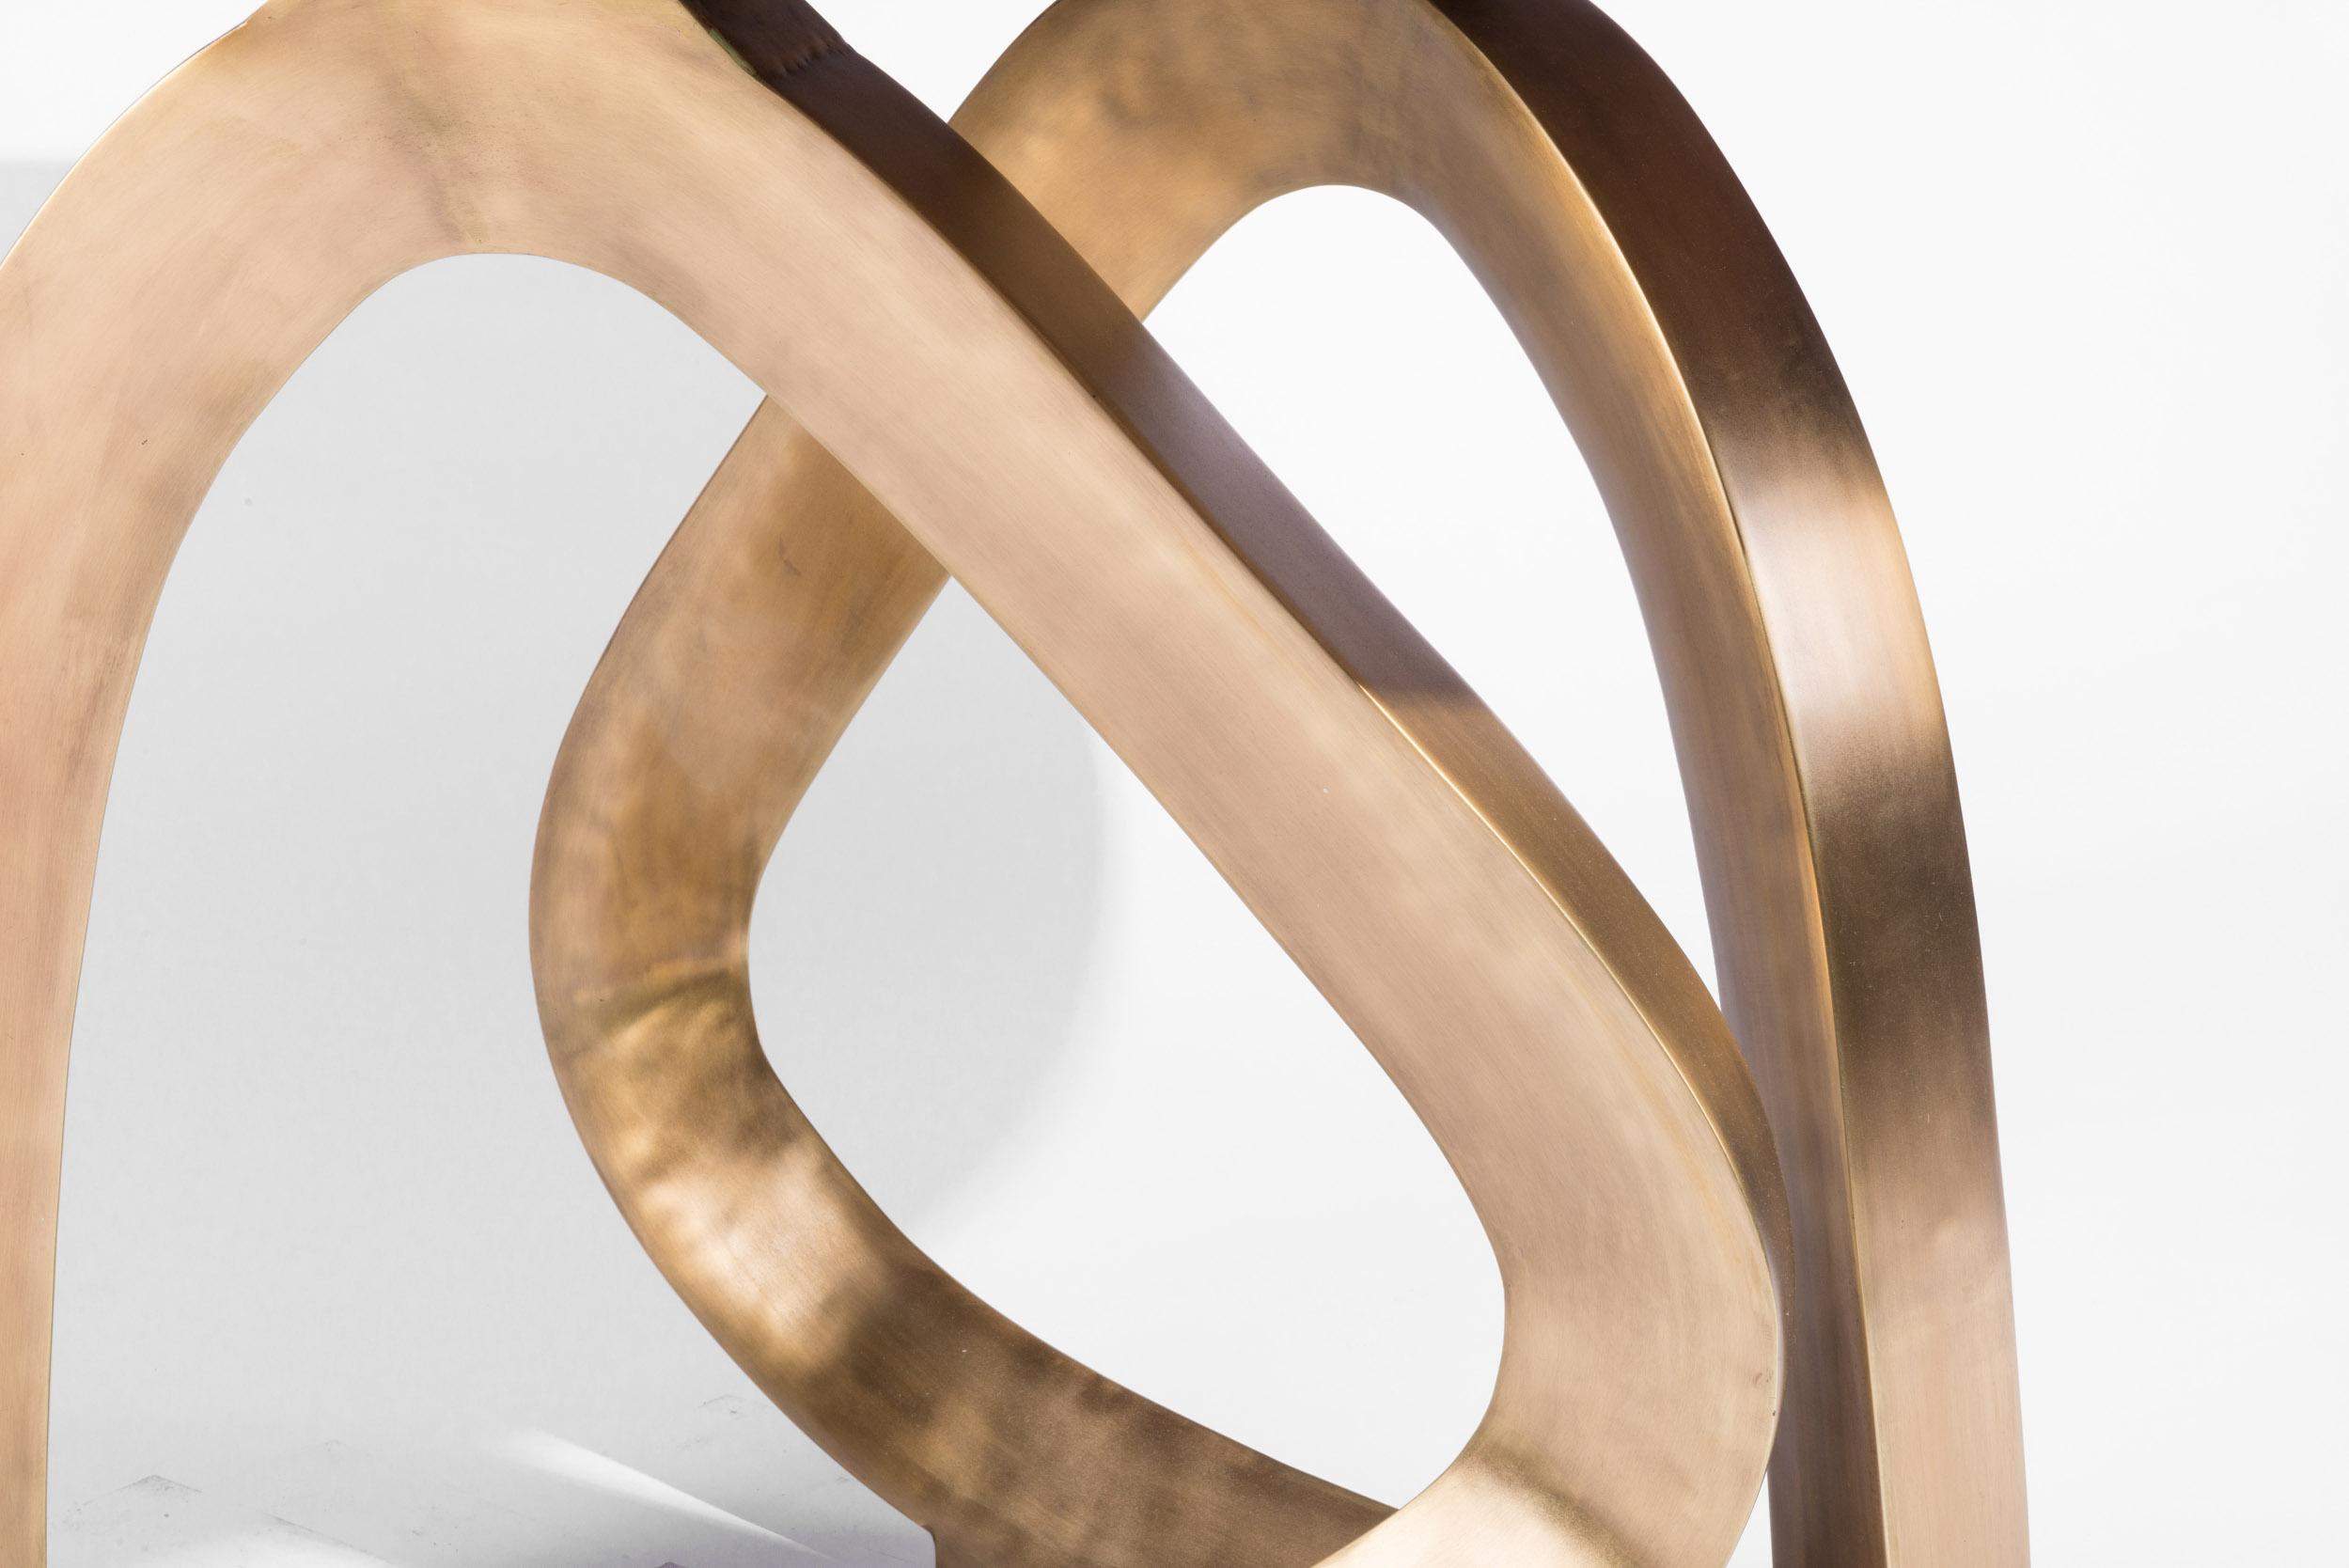 kifu-paris-materials-patterns-textures-shagreen-brass-KBT01-D113-v2.jpg